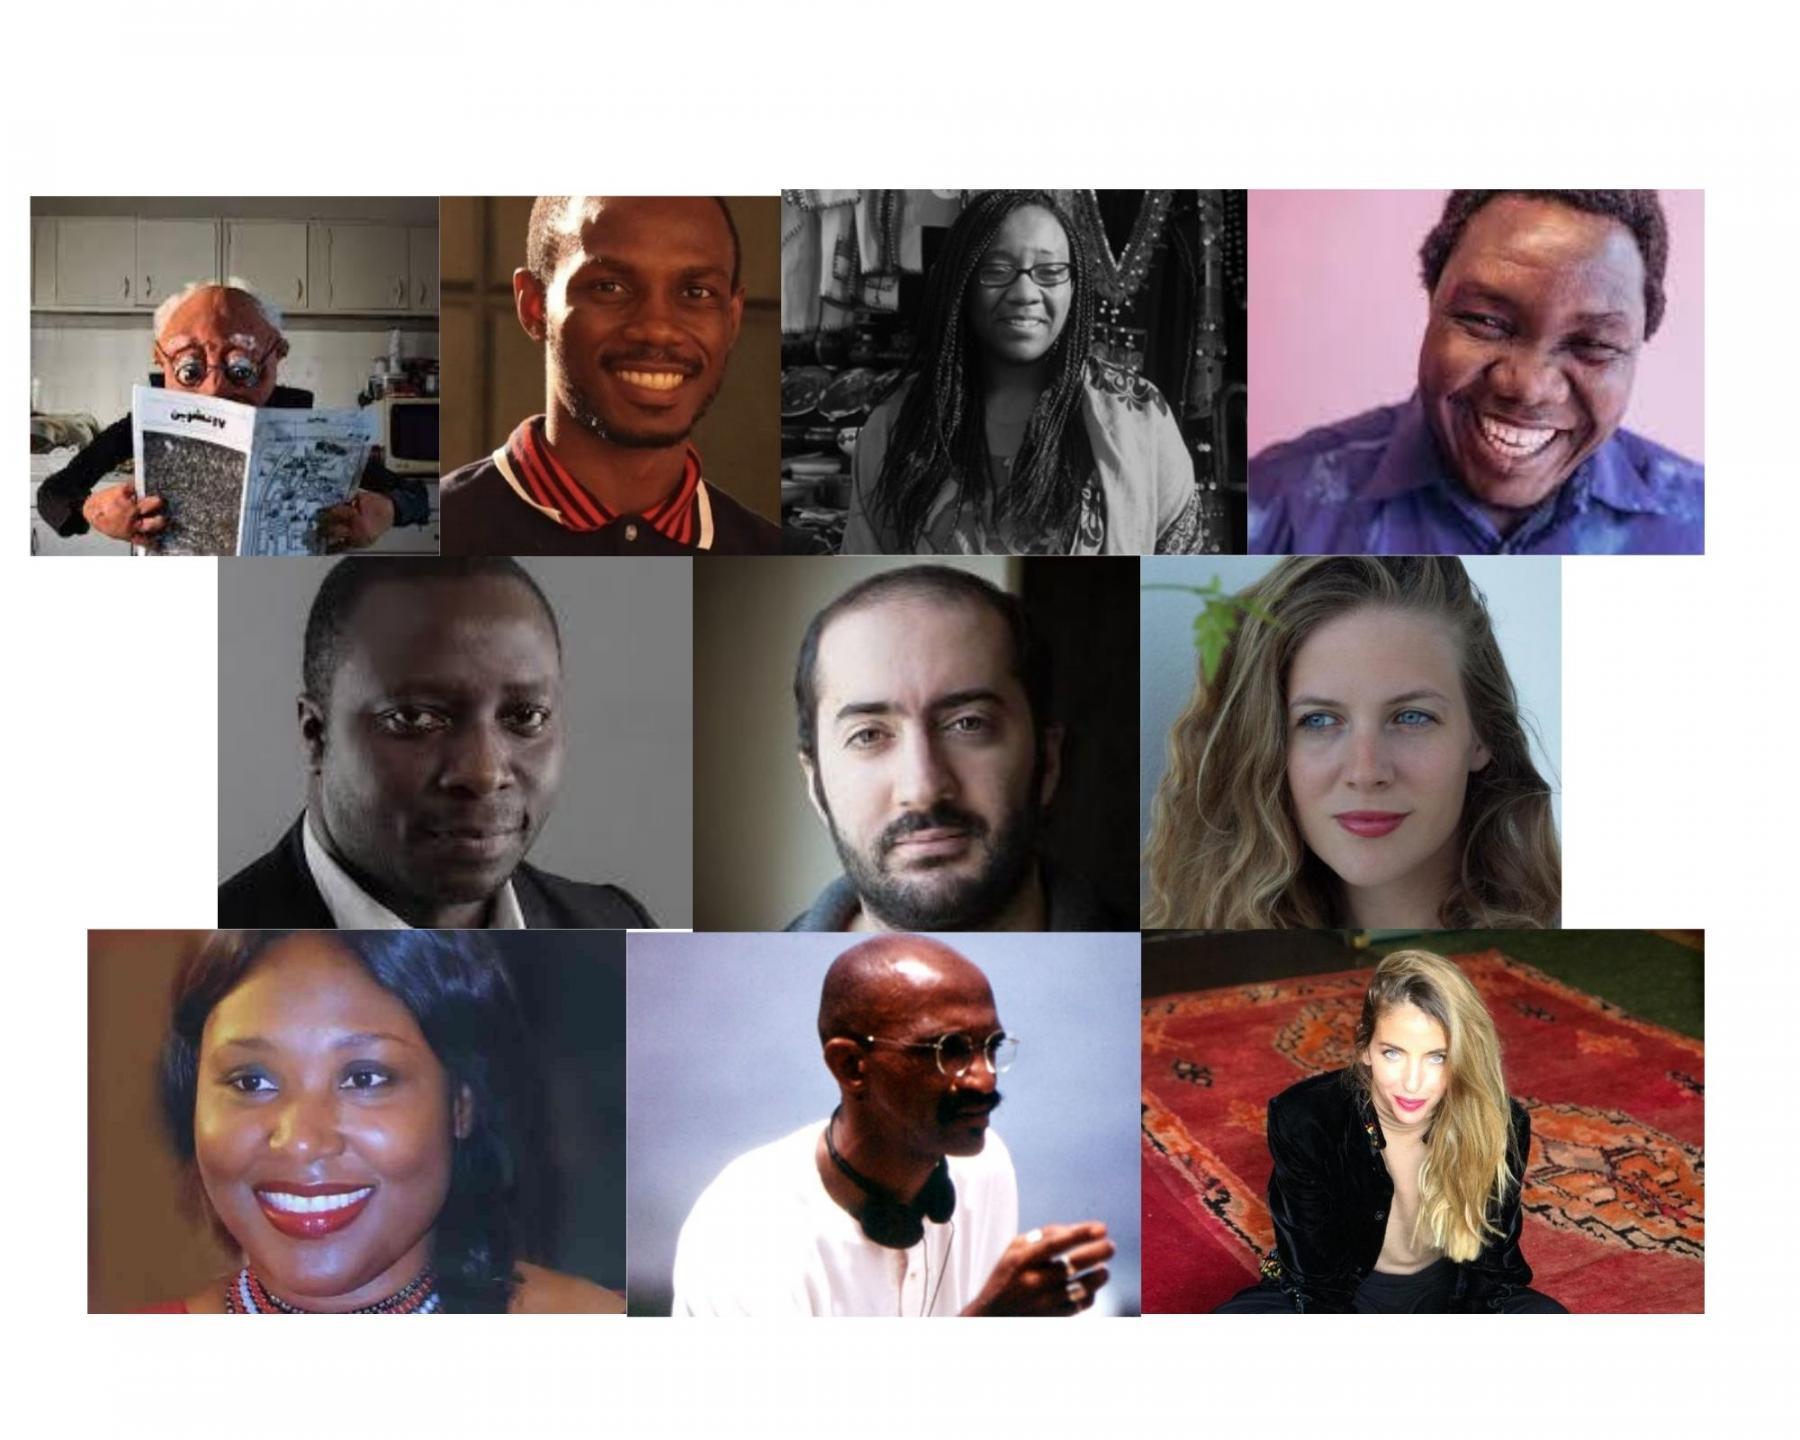 Afrique/Caraïbes/Pacifiques : résultats de la deuxième session du Fonds Image de la Francophonie